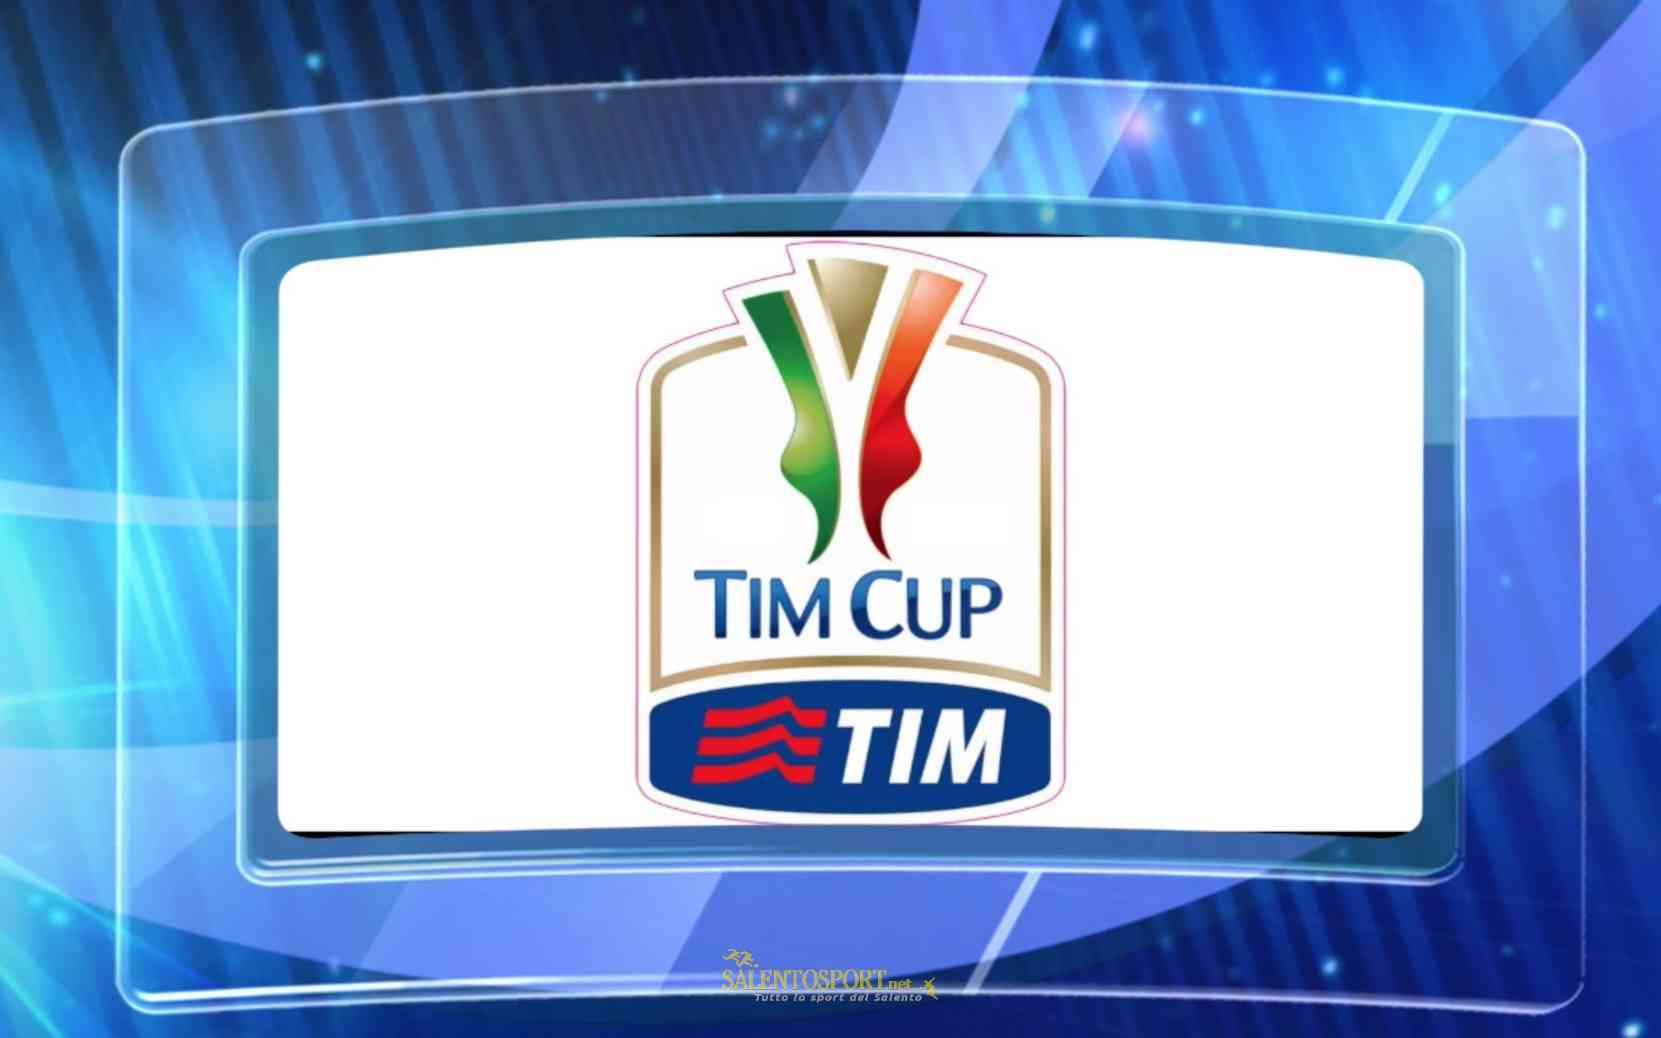 Calendario Tim Cup.Tim Cup Sorteggiato Il Tabellone 2019 20 Accoppiamenti